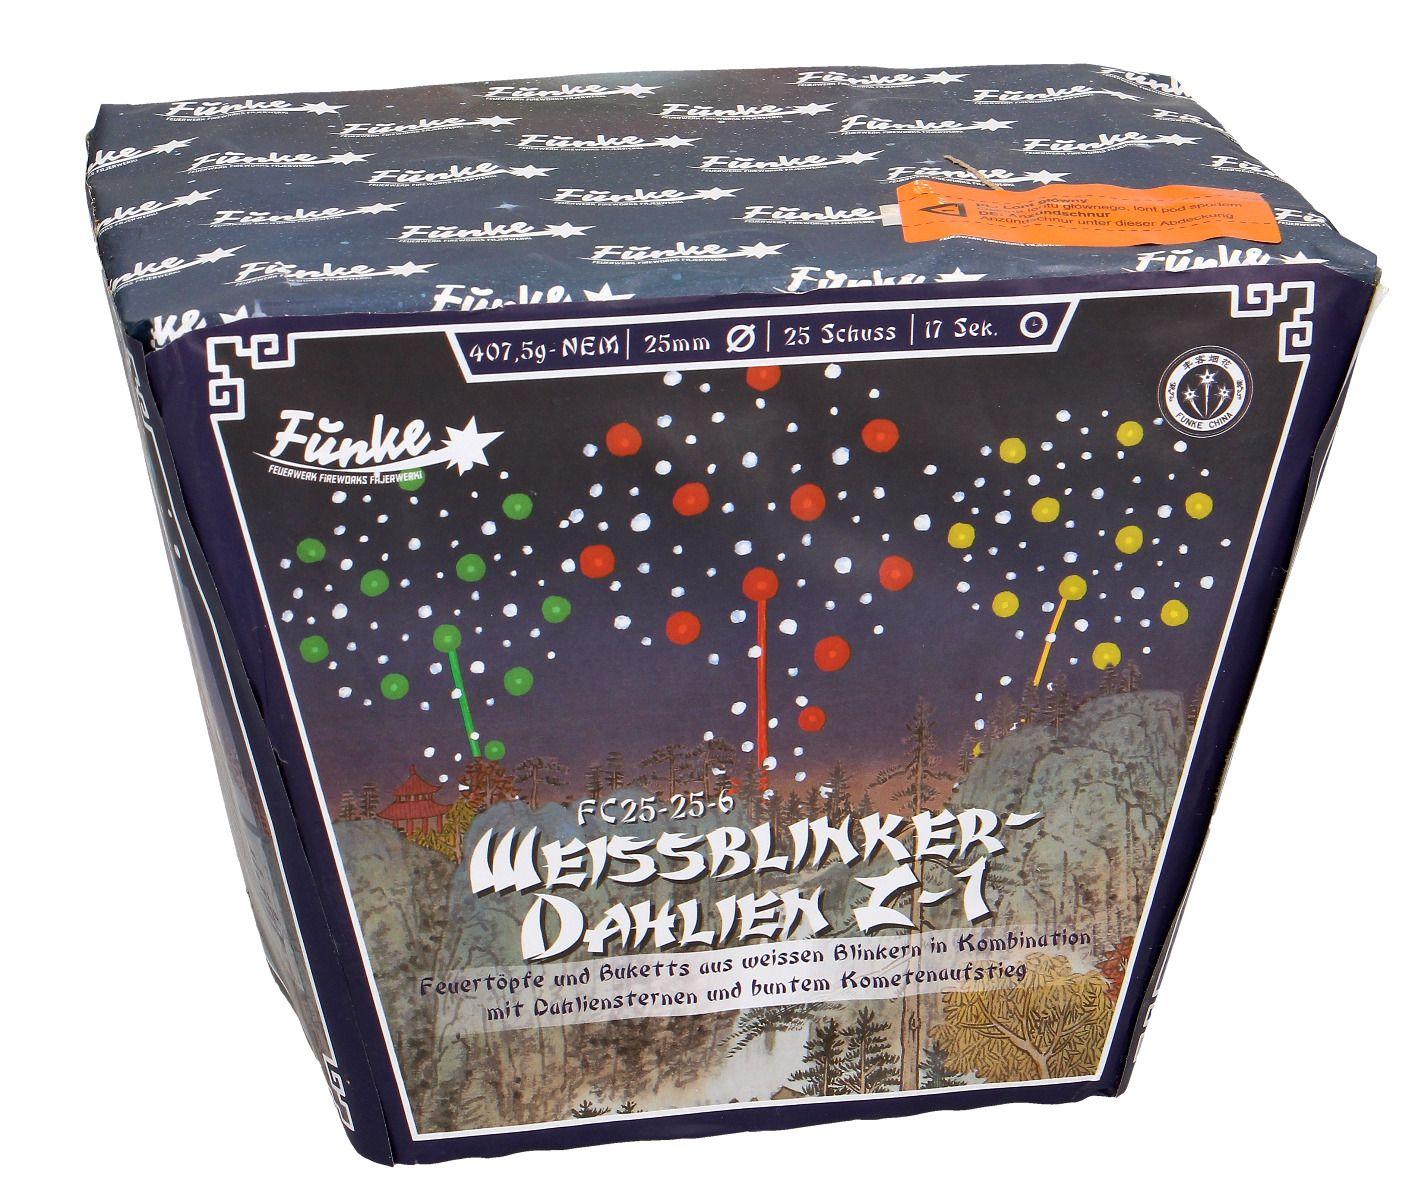 Funke Weissblinker Dahlien Z-1 25 Schots